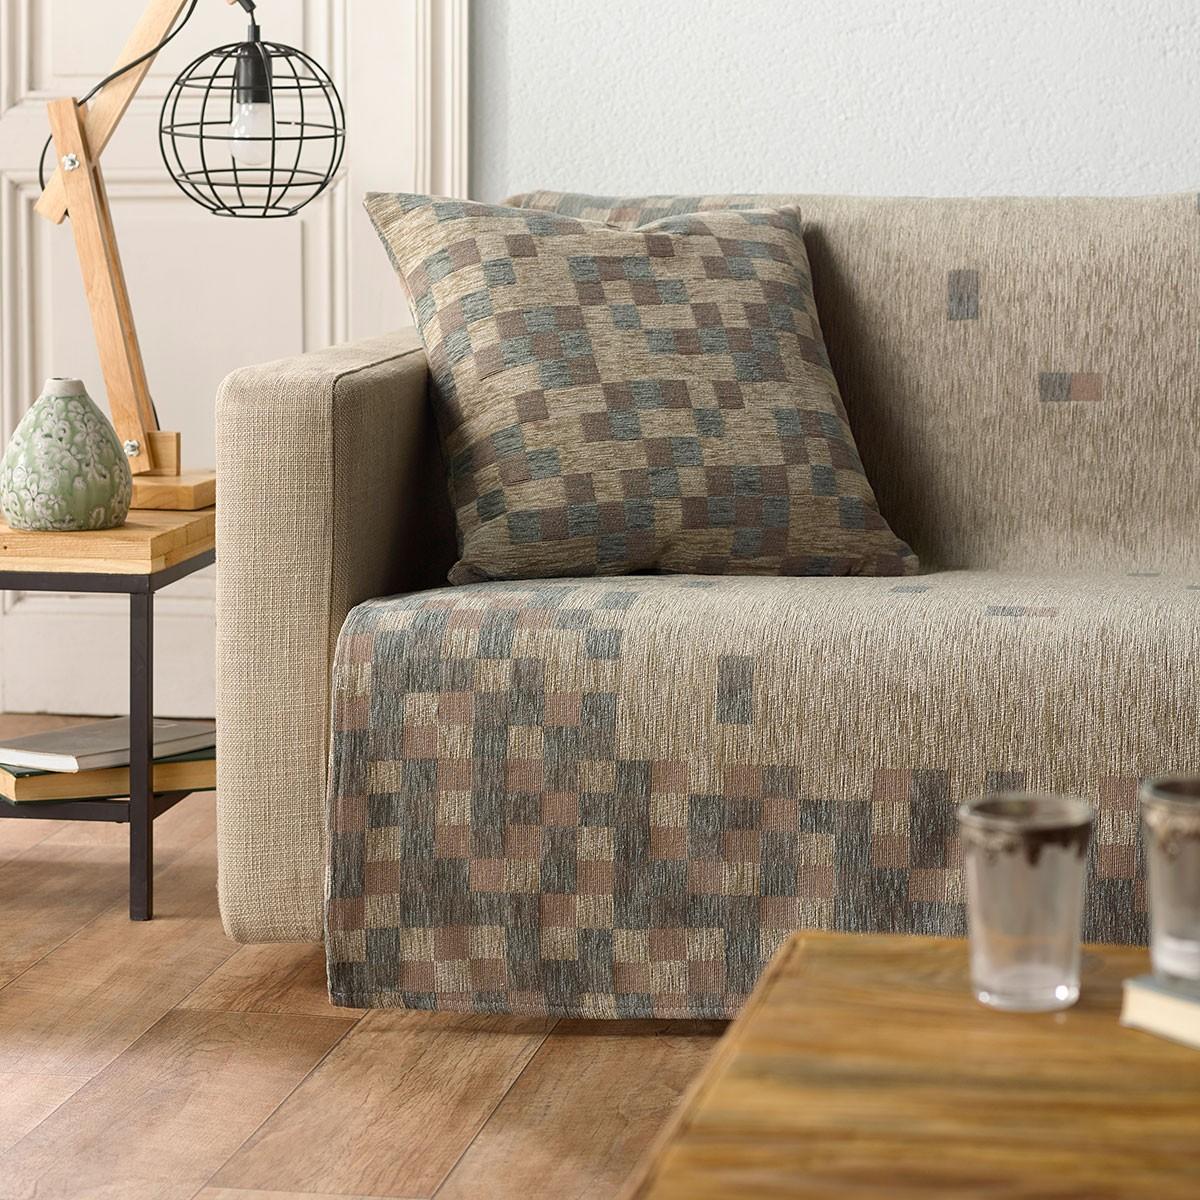 Ριχτάρι Τετραθέσιου (180x350) Gofis Home Arcade Grey 776/15 home   σαλόνι   ριχτάρια καναπέ